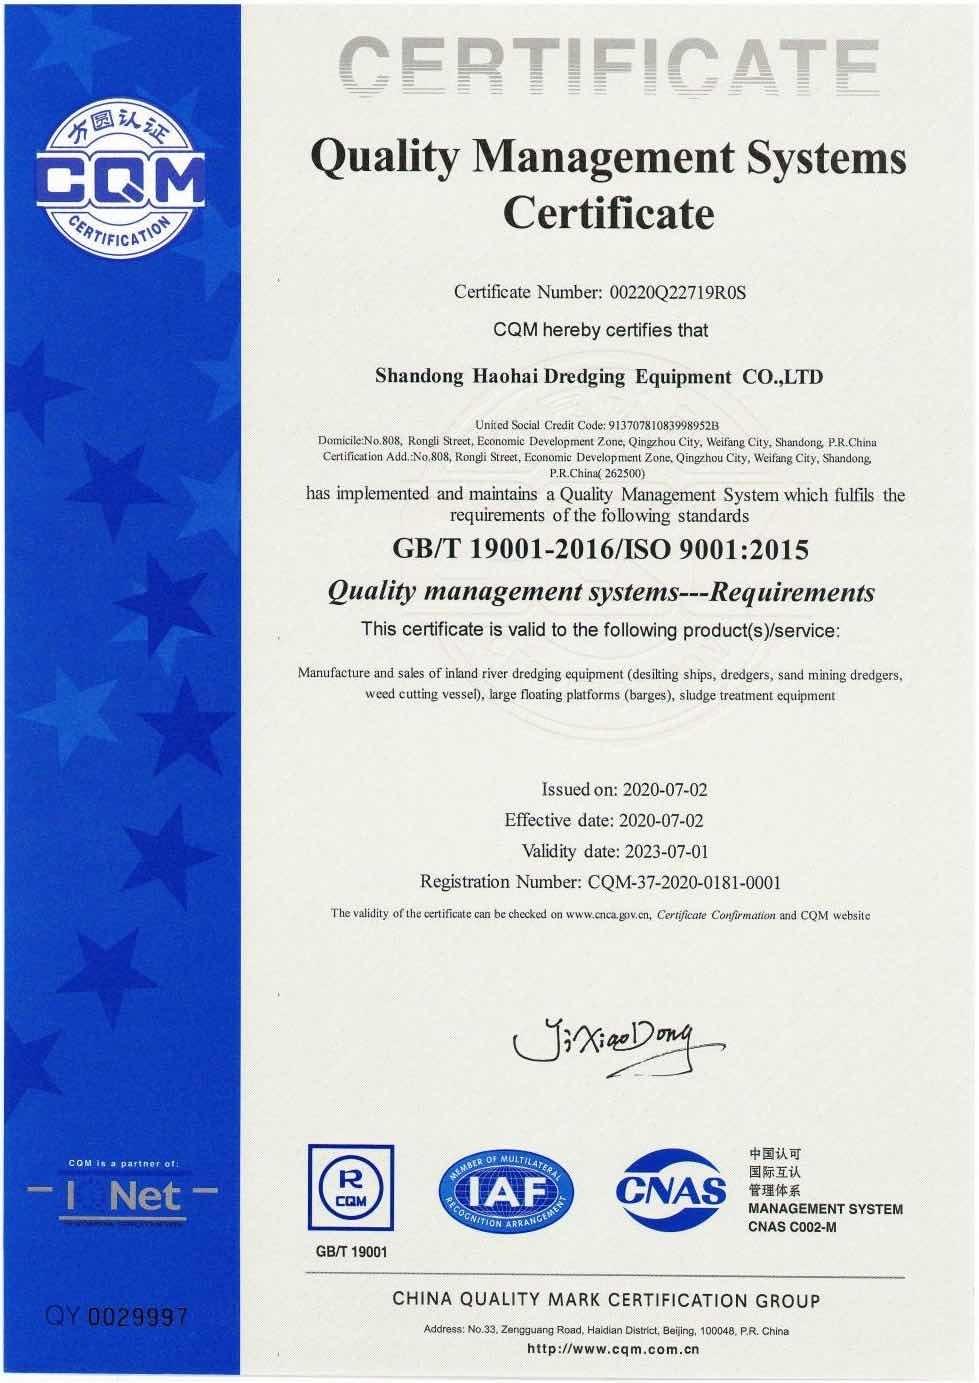 Certificat de sisteme de management al calității